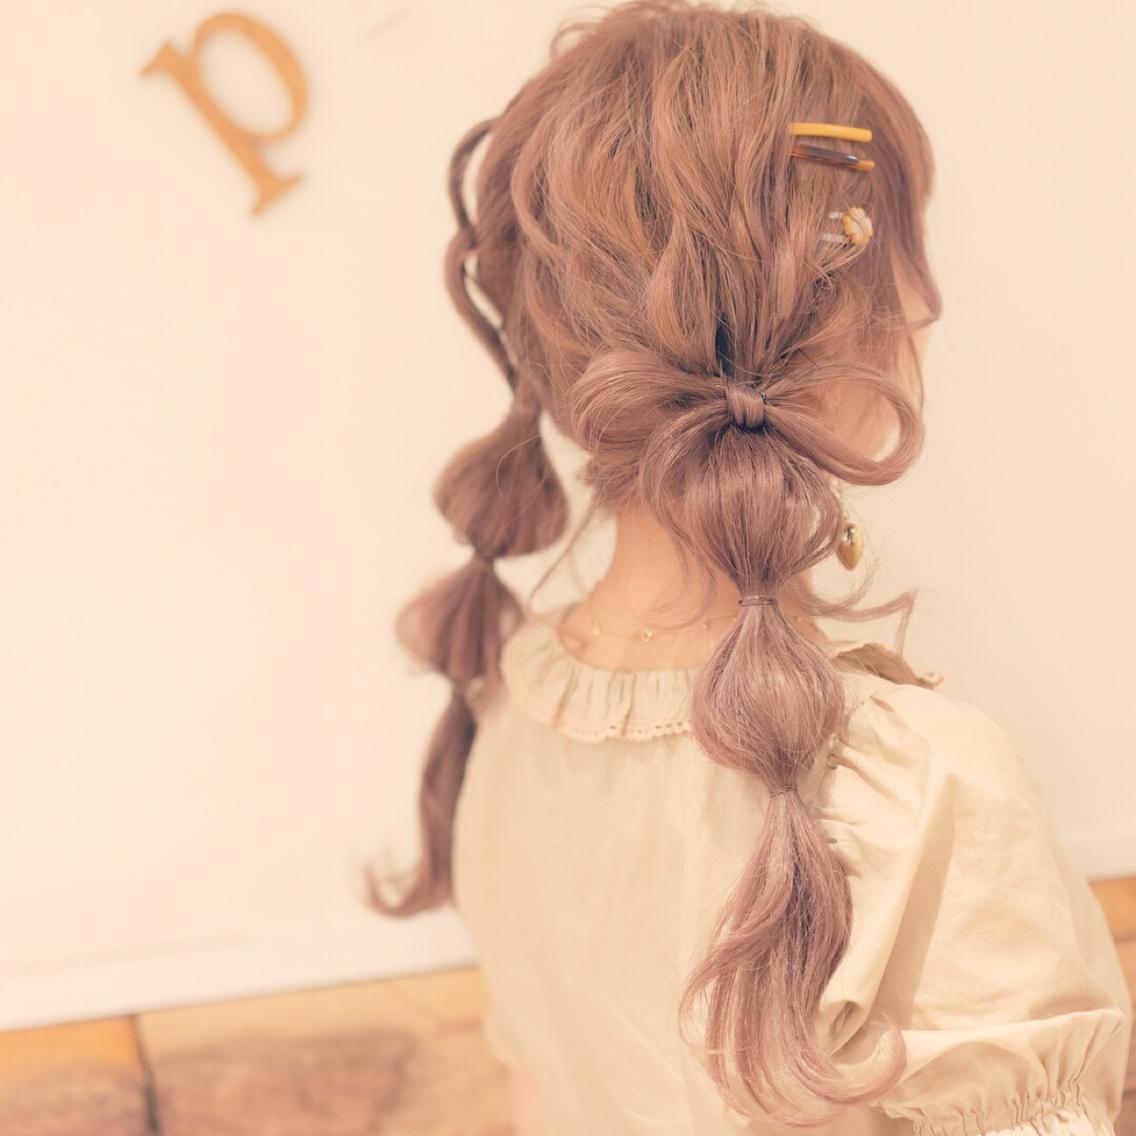 ☆minimo限定☆インスタで大人気のgrooveplusが❣️   インスタ映えのスペシャリストヲタク美容師✨ずるいくらい可愛くなれる